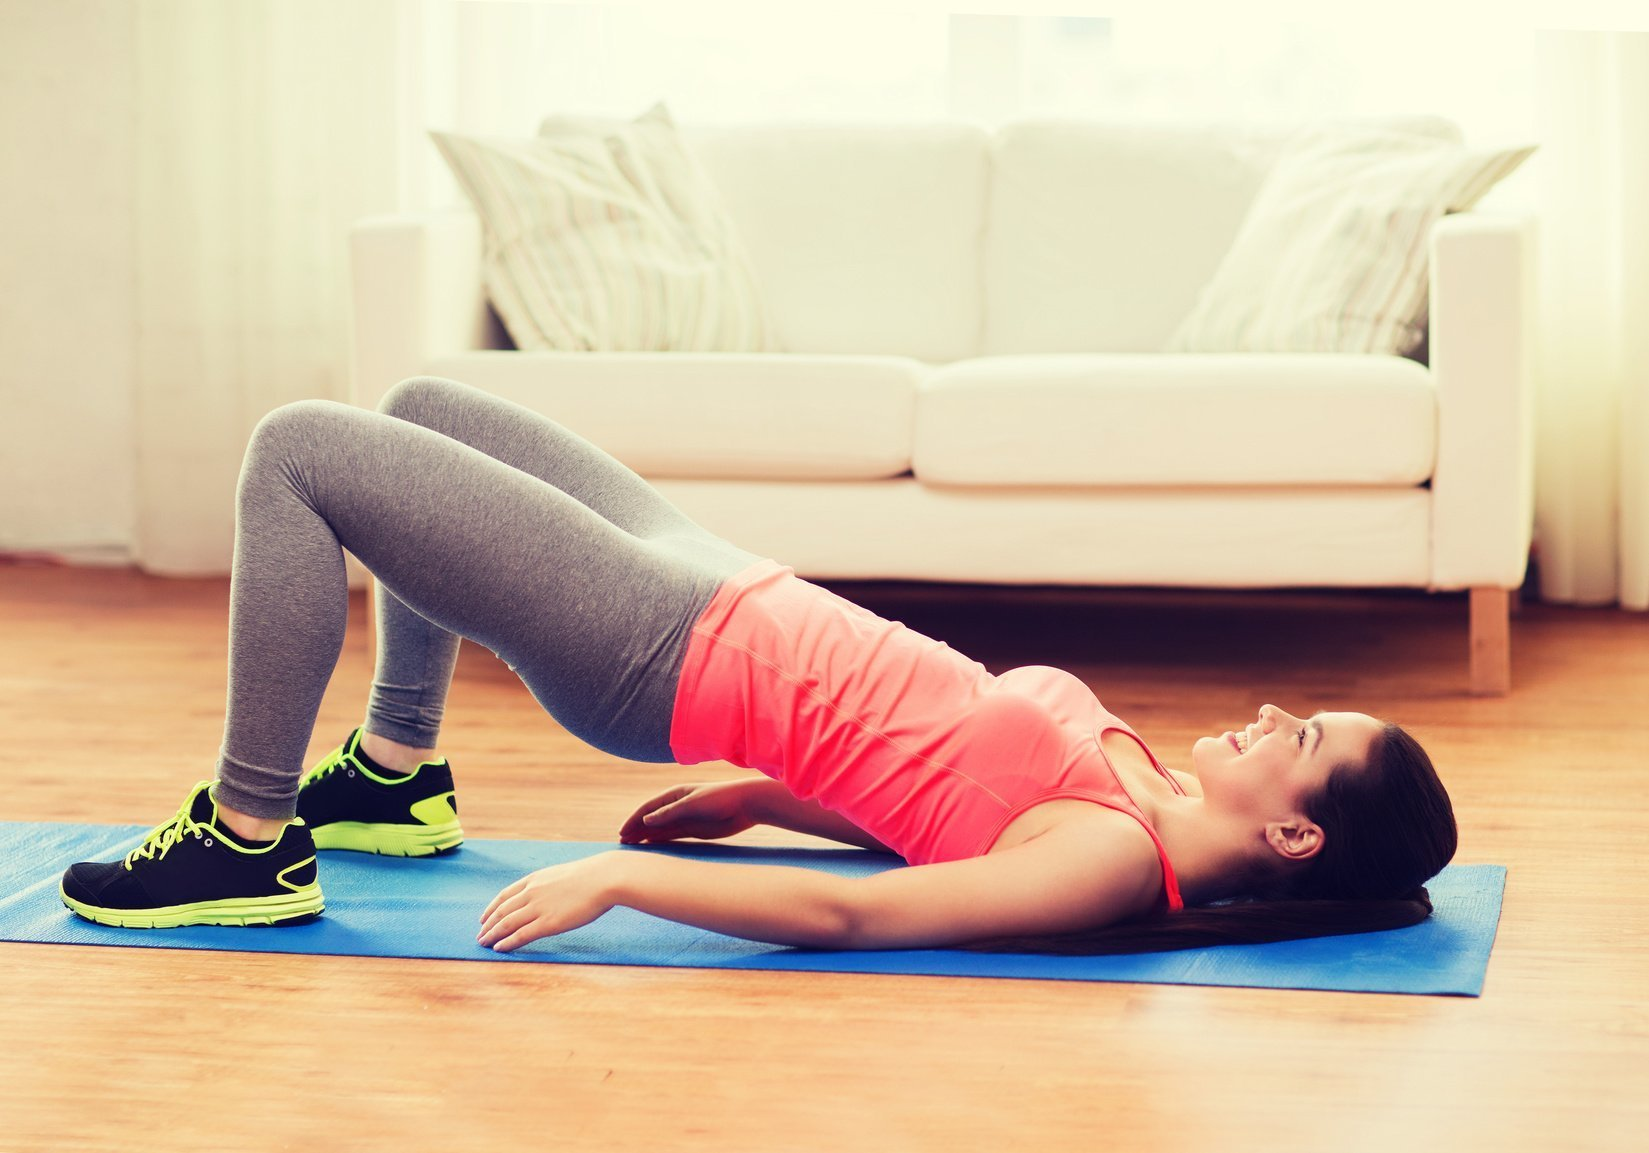 Ягодичный мостик: Лучшее упражнение для попы